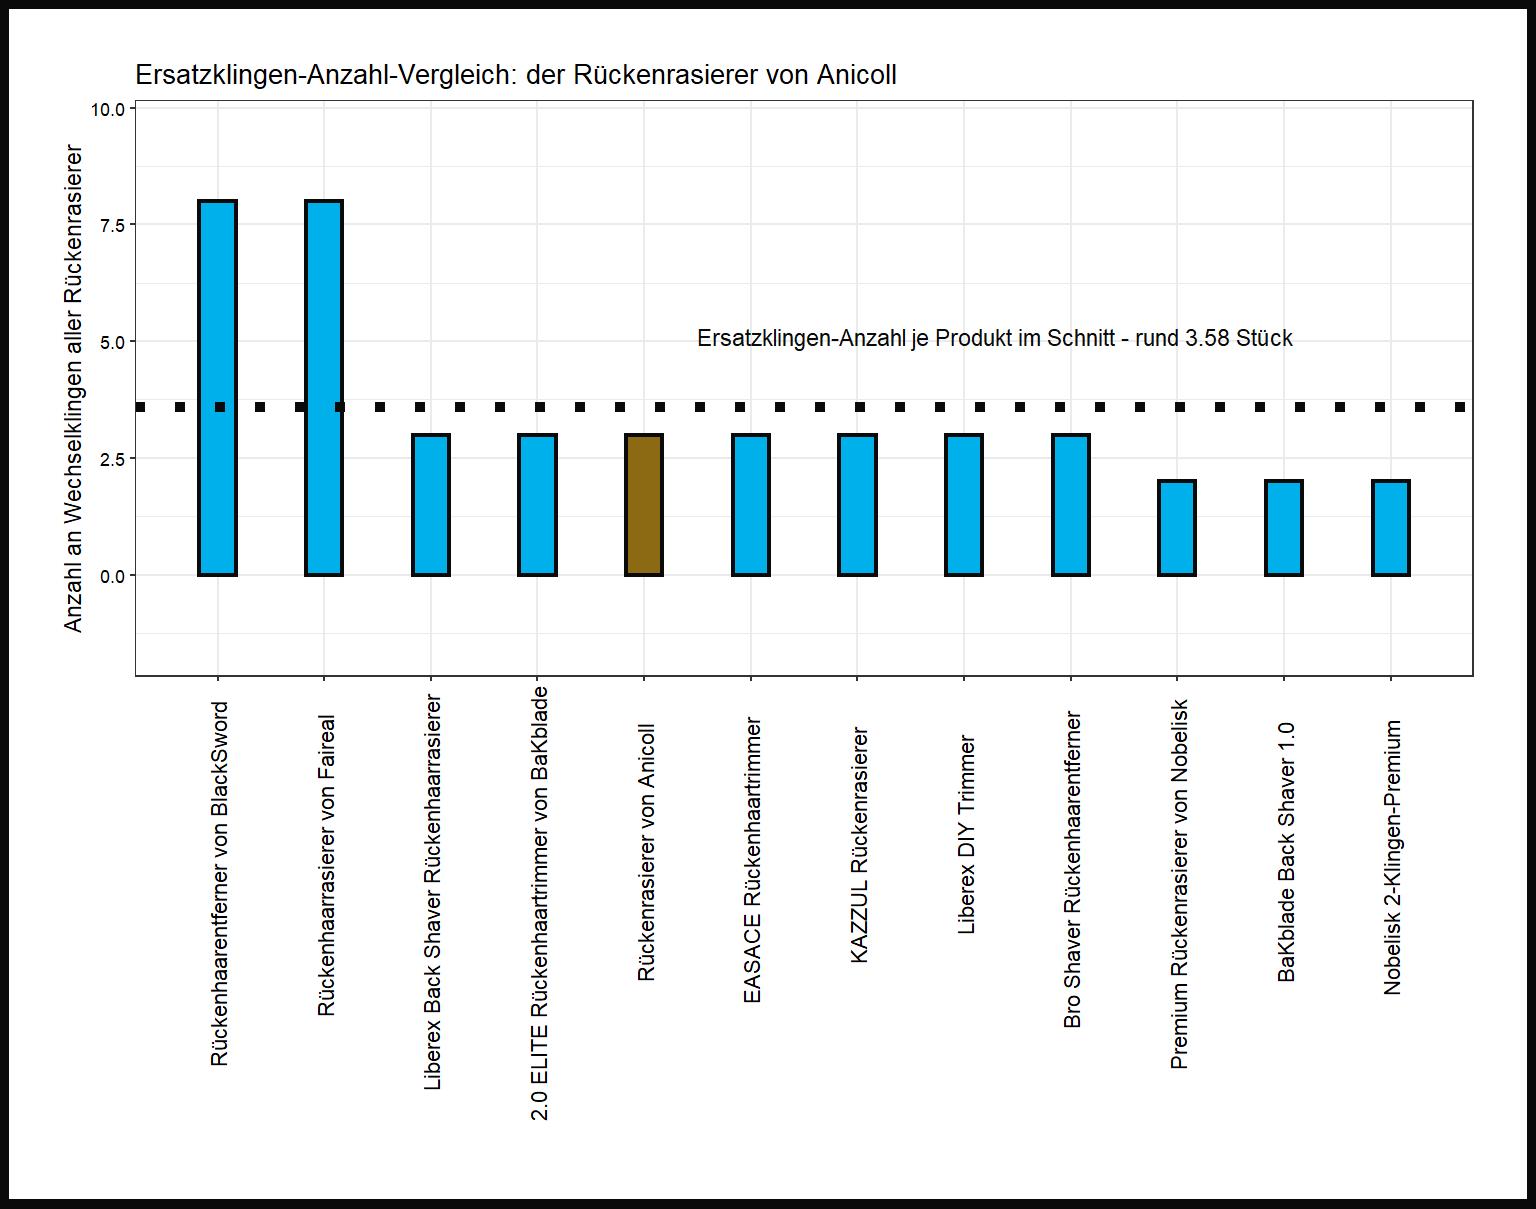 Ersatzklingen-Anzahl-Vergleich von dem Anicoll Rückenhaarschneider